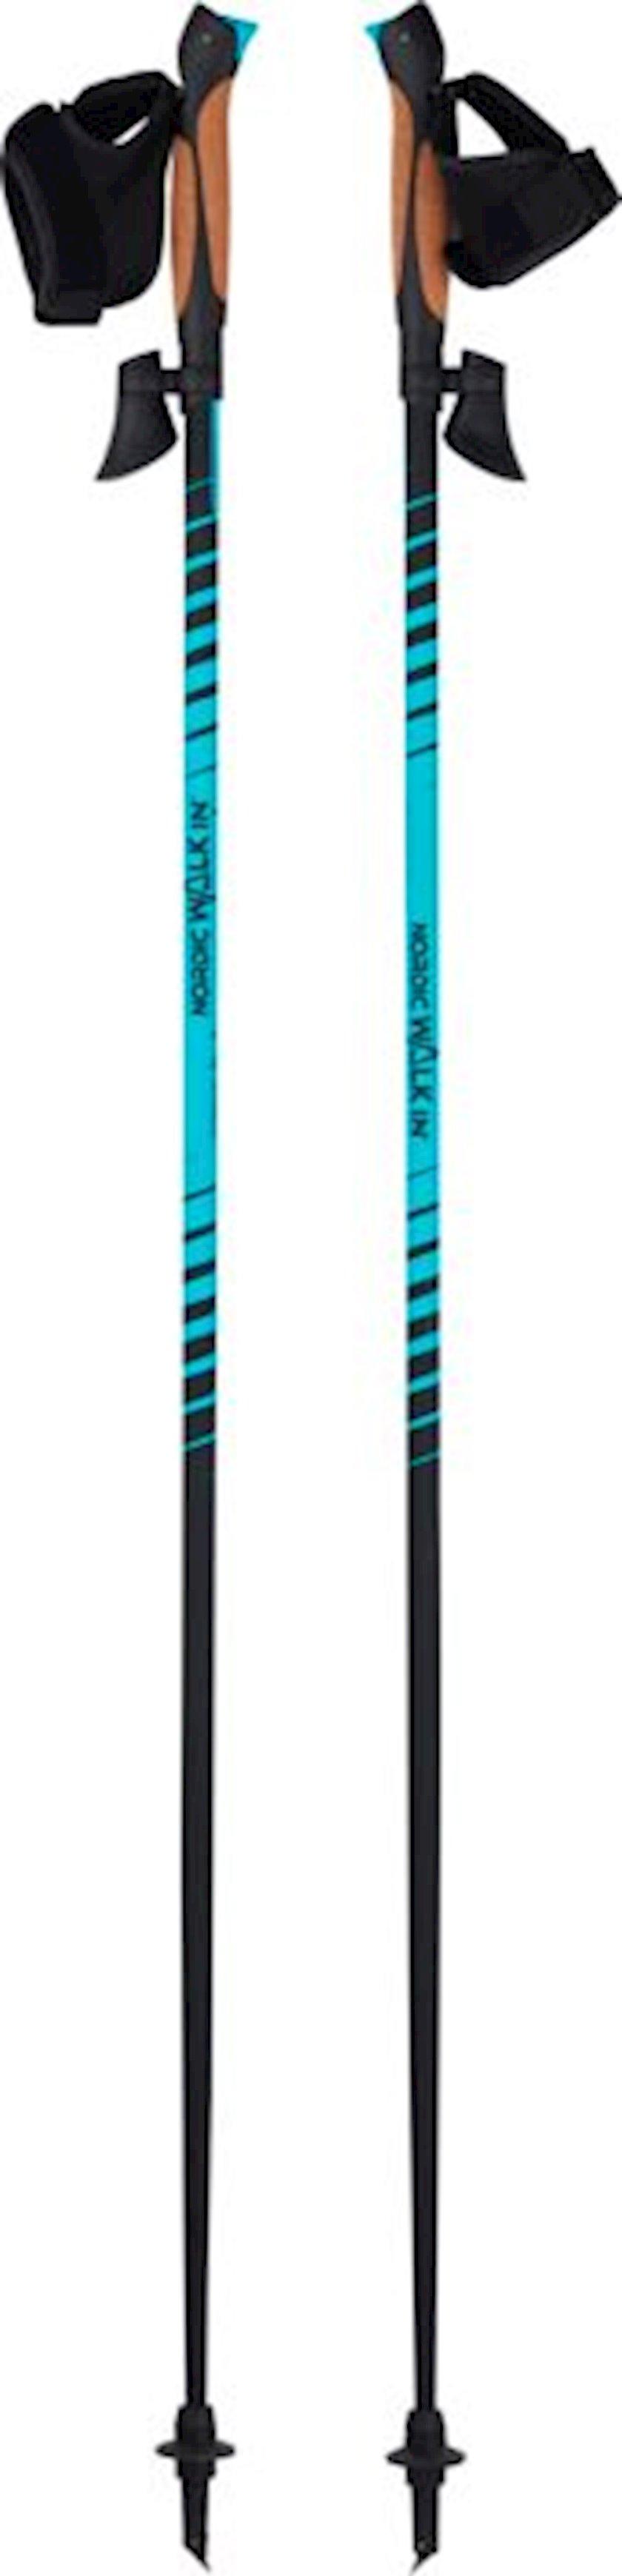 Skandinaviya yürüyüşü üçün çubuqlar Wanabee Nordic 60 X2 Hiking Poles, uniseks, 2 ədəd, qara/göy/narıncı, ölçü 110